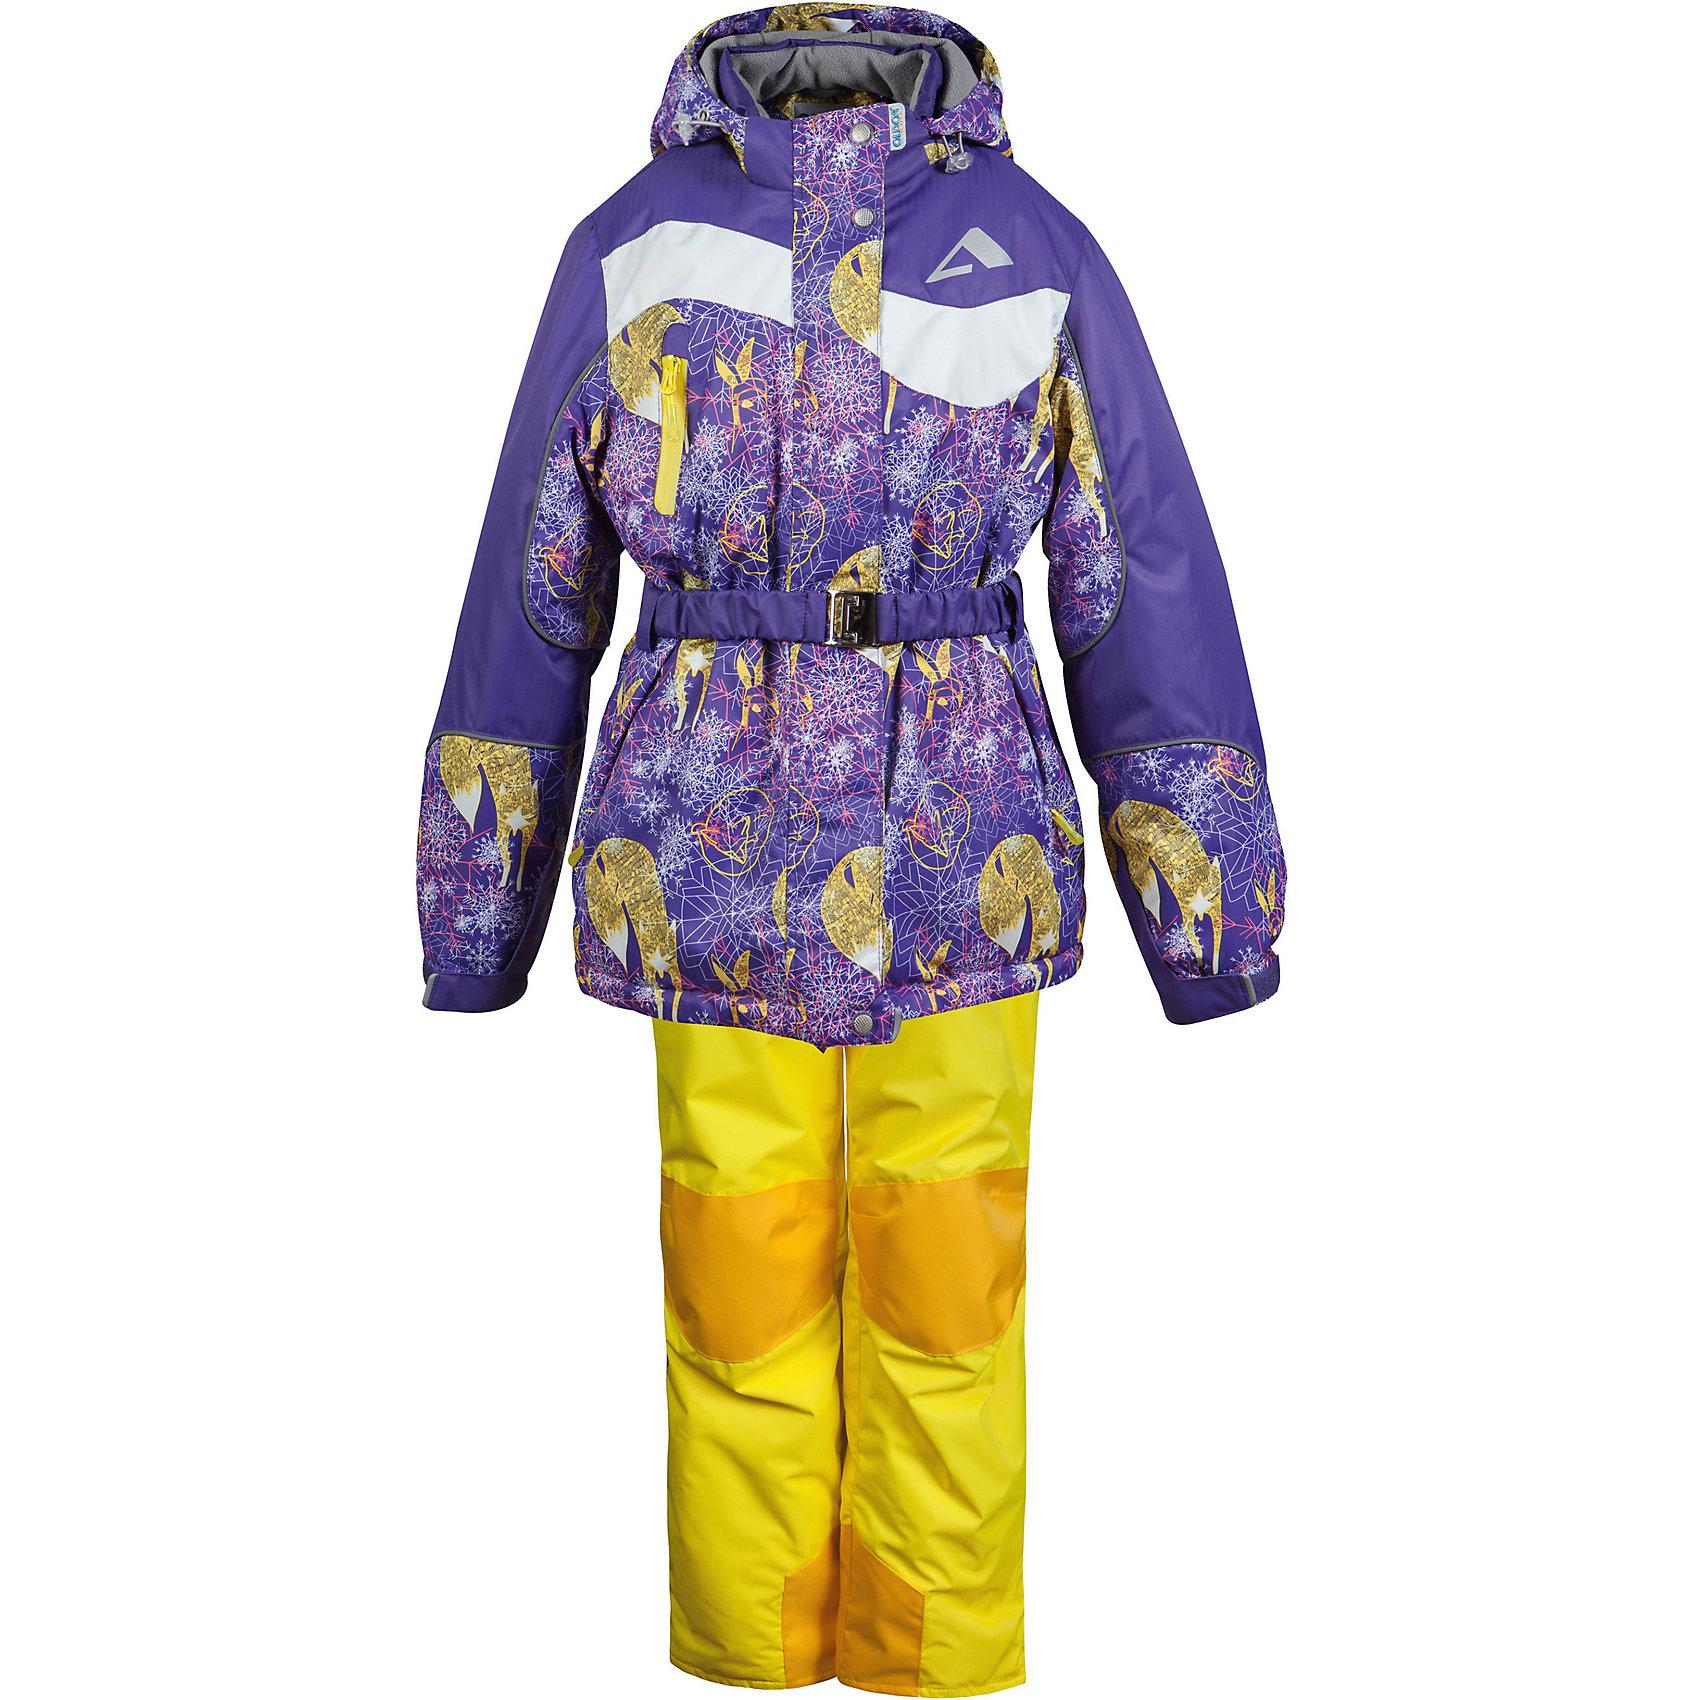 Комплект: куртка и полукомбинезон Алиса OLDOS для девочкиВерхняя одежда<br>Характеристики товара:<br><br>• цвет: желтый<br>• комплектация: куртка и полукомбинезон<br>• состав ткани: полиэстер, Teflon<br>• подкладка: флис<br>• утеплитель: Hollofan pro<br>• сезон: зима<br>• мембранное покрытие<br>• температурный режим: от -30 до +5<br>• водонепроницаемость: 5000 мм <br>• паропроницаемость: 5000 г/м2<br>• плотность утеплителя: куртка - 200 г/м2, полукомбинезон - 150 г/м2<br>• застежка: молния<br>• капюшон: без меха, съемный<br>• полукомбинезон усилен износостойкими вставками<br>• страна бренда: Россия<br>• страна изготовитель: Россия<br><br>Этот комплект для ребенка декорирован принтом. Детский зимний комплект создан с применением мембранной технологии. Модный комплект Oldos рассчитан даже на сильные морозы. Непромокаемый и непродуваемый верх комплекта для девочки создает комфортный для ребенка микроклимат. <br><br>Комплект: куртка и полукомбинезон Алиса Oldos (Олдос) для девочки можно купить в нашем интернет-магазине.<br><br>Ширина мм: 356<br>Глубина мм: 10<br>Высота мм: 245<br>Вес г: 519<br>Цвет: желтый<br>Возраст от месяцев: 18<br>Возраст до месяцев: 24<br>Пол: Женский<br>Возраст: Детский<br>Размер: 92,140,134,116,128,122,110,104,98<br>SKU: 7015638